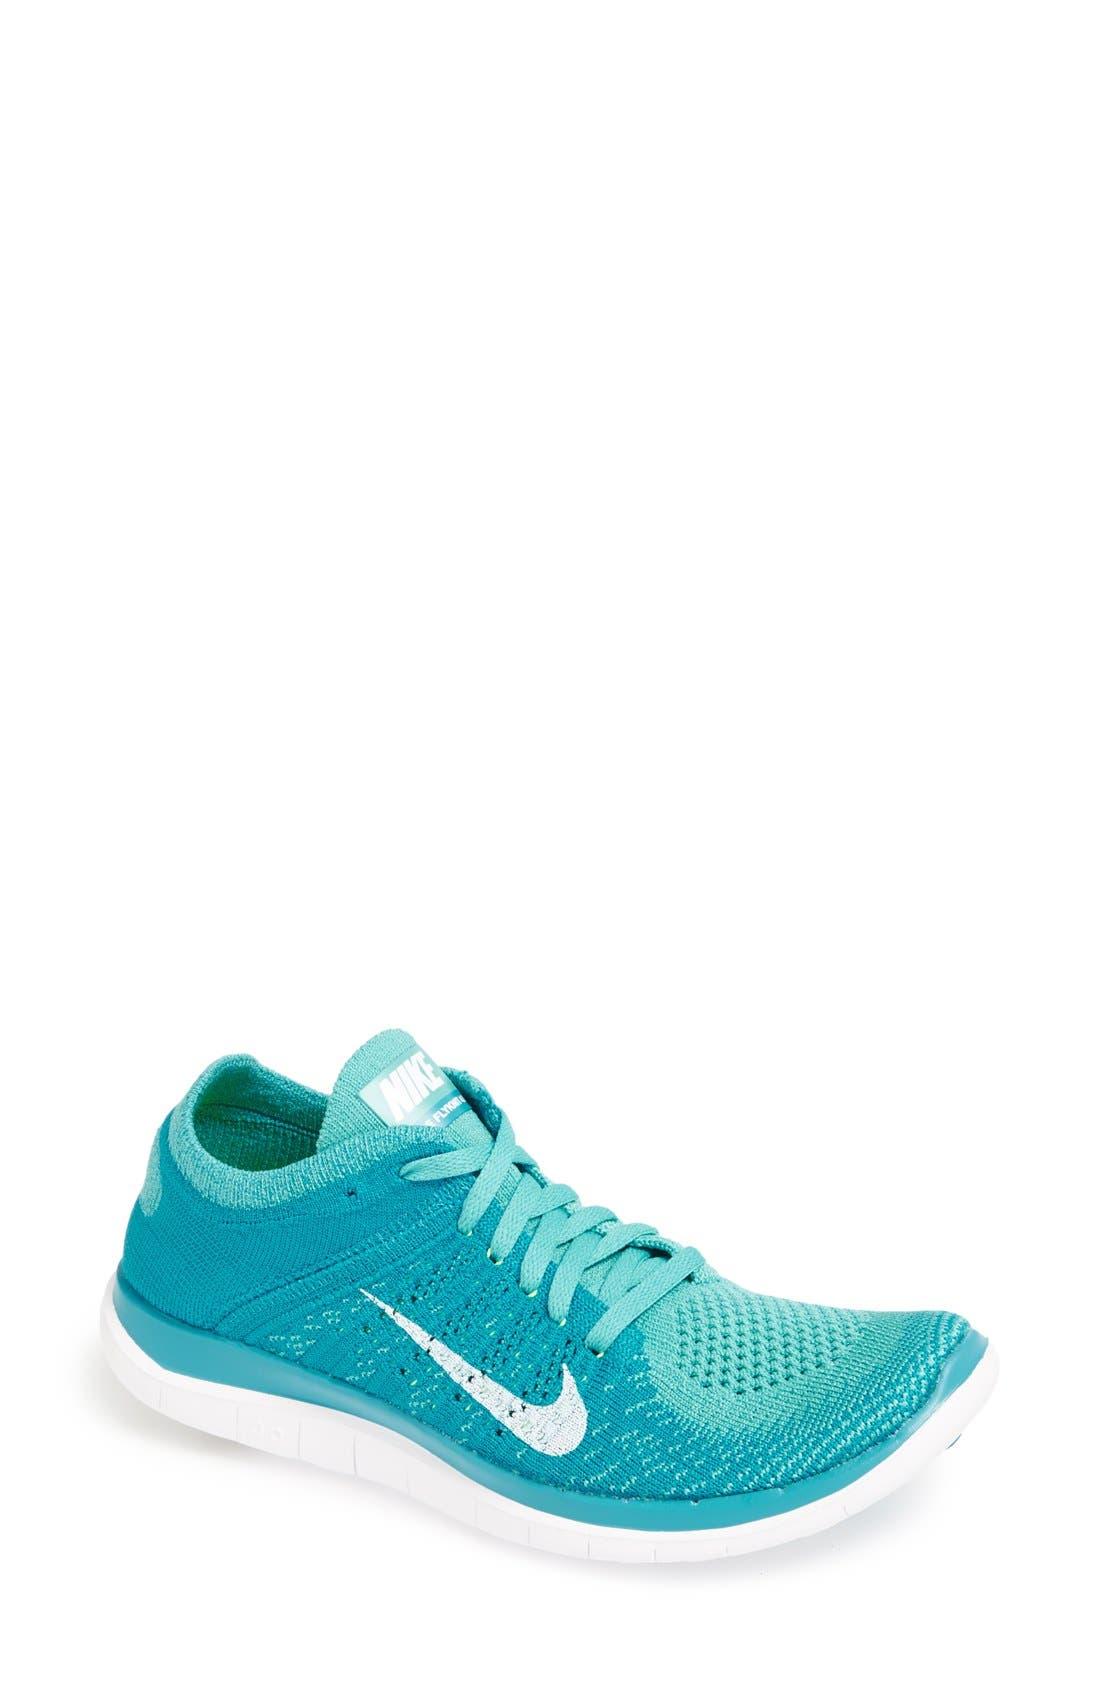 Alternate Image 1 Selected - Nike 'Free 4.0 Flyknit' Running Shoe (Women) (Regular Retail Price: $120.00)